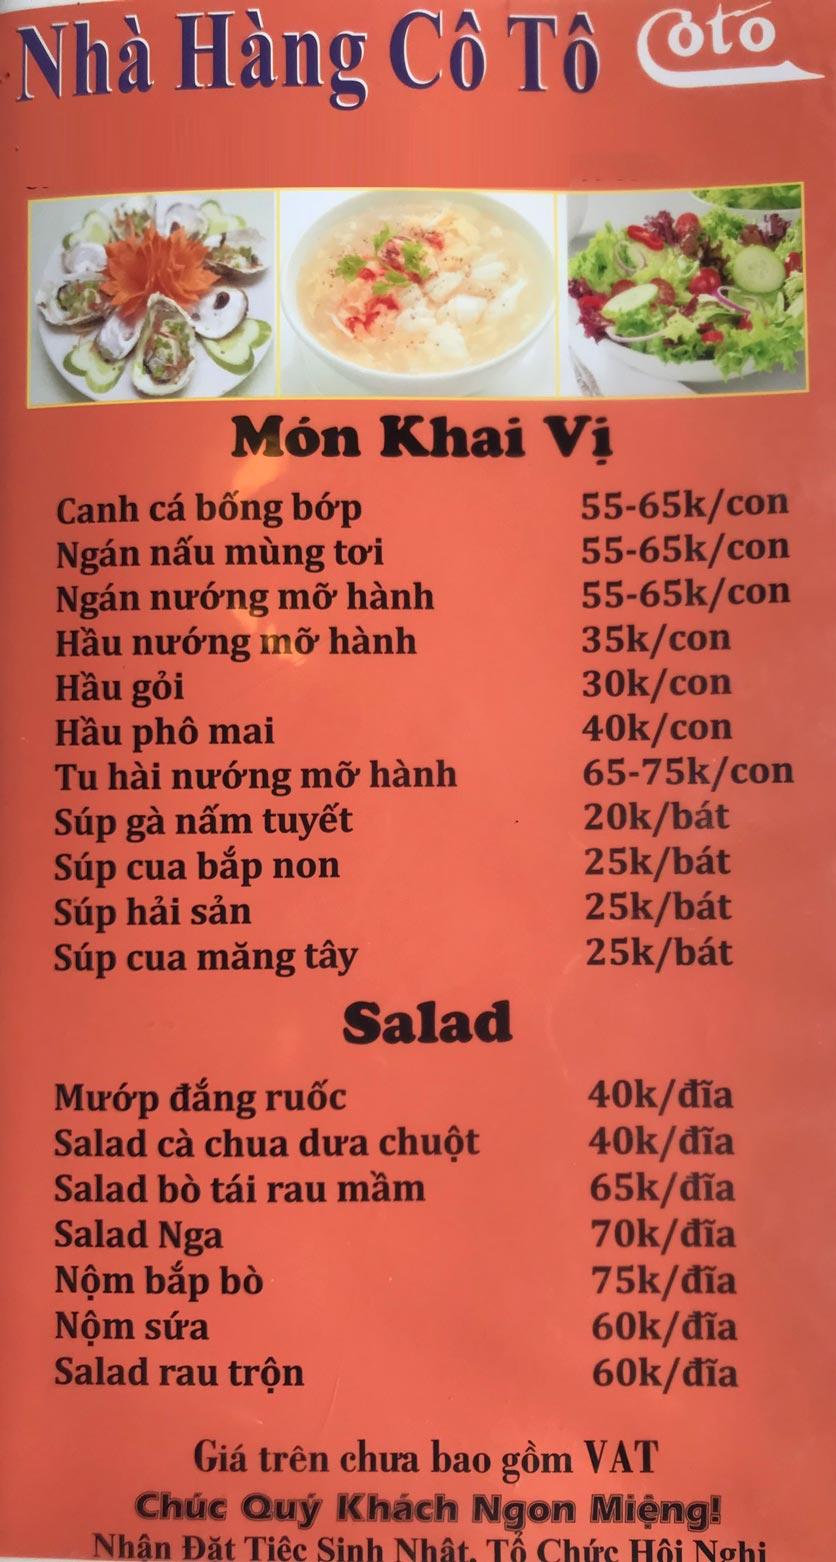 Menu Cô Tô - Nguyễn Khang 1